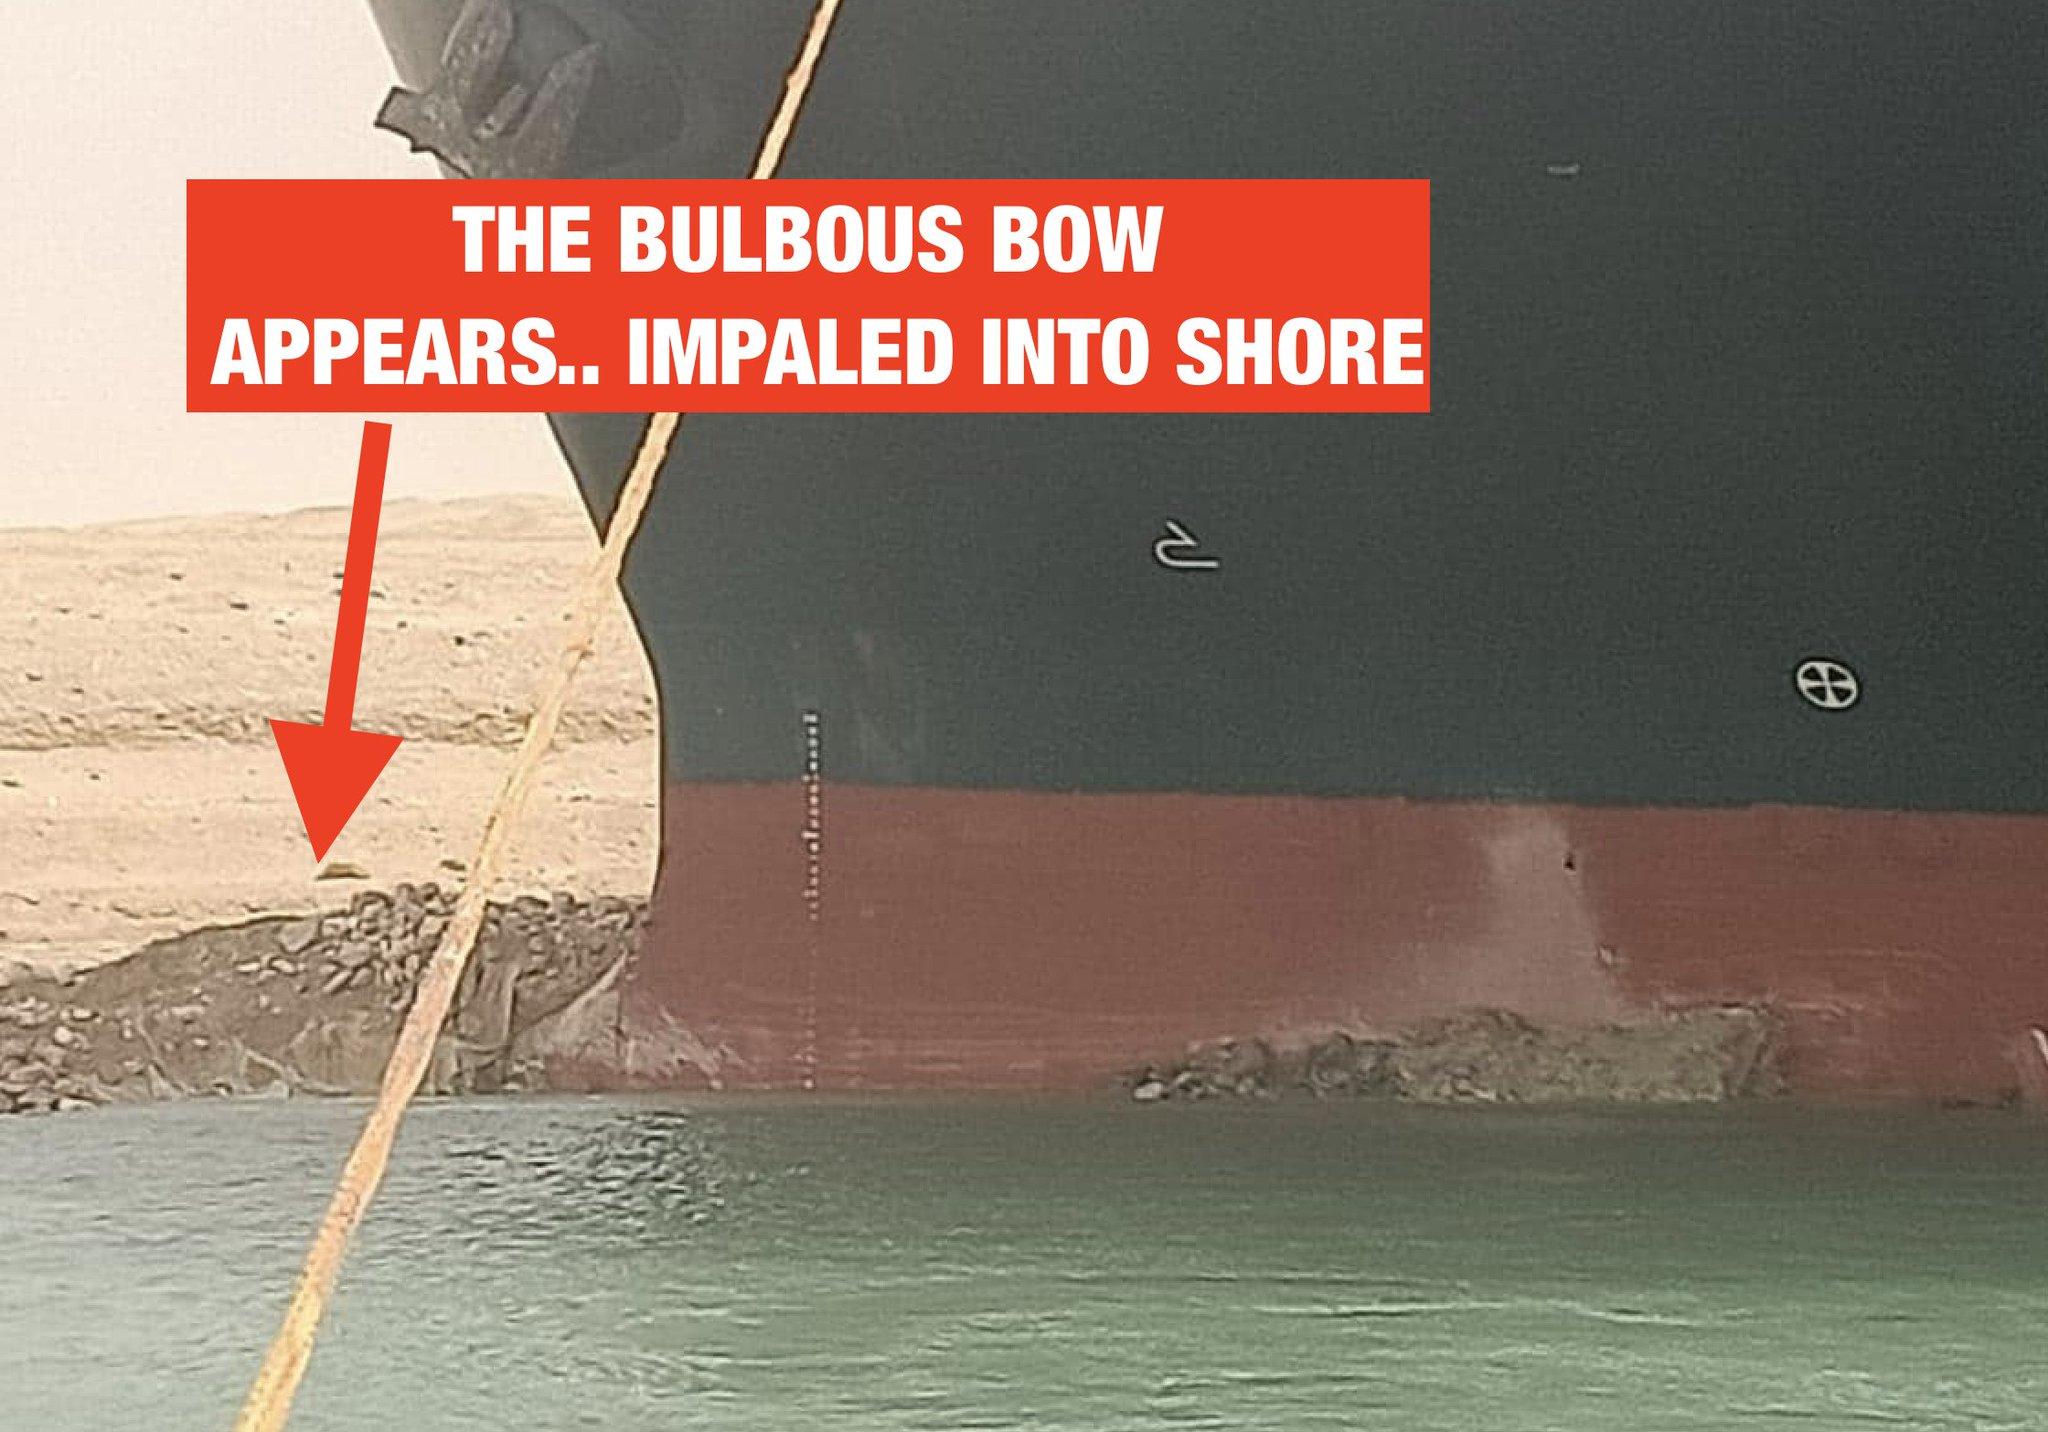 Lo Del Barco Atascado En El Canal De Suez (Vol.1: Origins) ExOM3fsWUAYOkTD?format=jpg&name=large